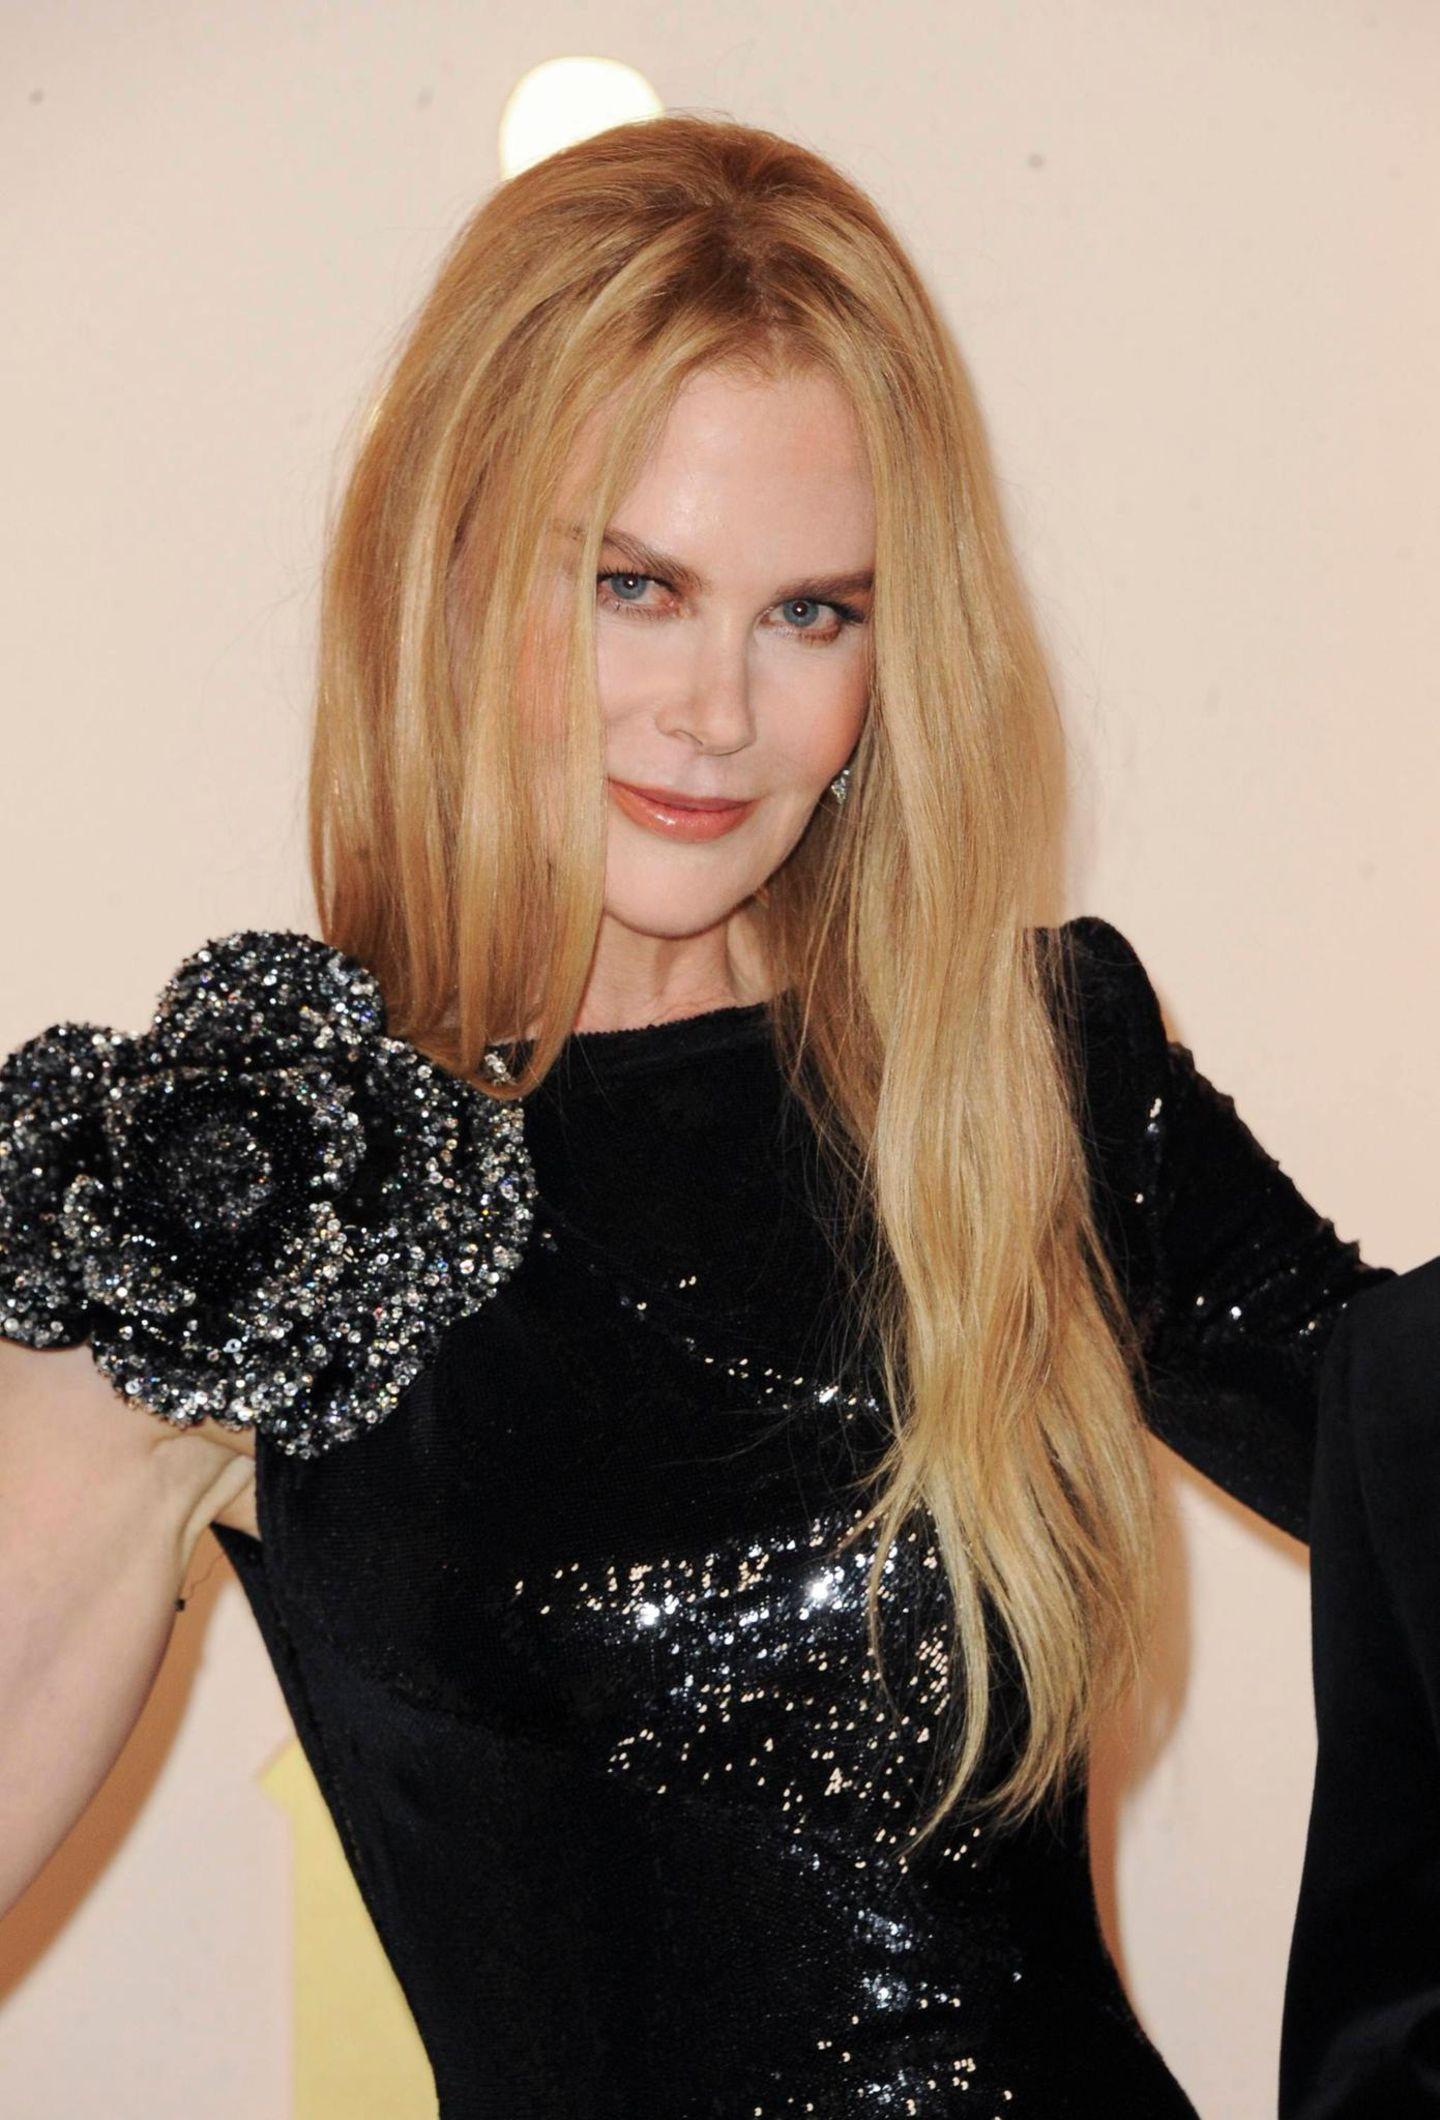 """""""Die Dolmetscherin"""", """"Australia"""", """"Eyes Wide Shut"""" - diese Filme dürften Ihnen hingegen etwas sagen. Sie haben Nicole Kidman nämlich zu dem Hollywood-Star gemacht, der sie heute ist. Und auch ihre blonde, glatte Frisur sollten Sie wiedererkennen. So trägt Nicole ihr Haar seit Mitte der 90er-Jahre."""